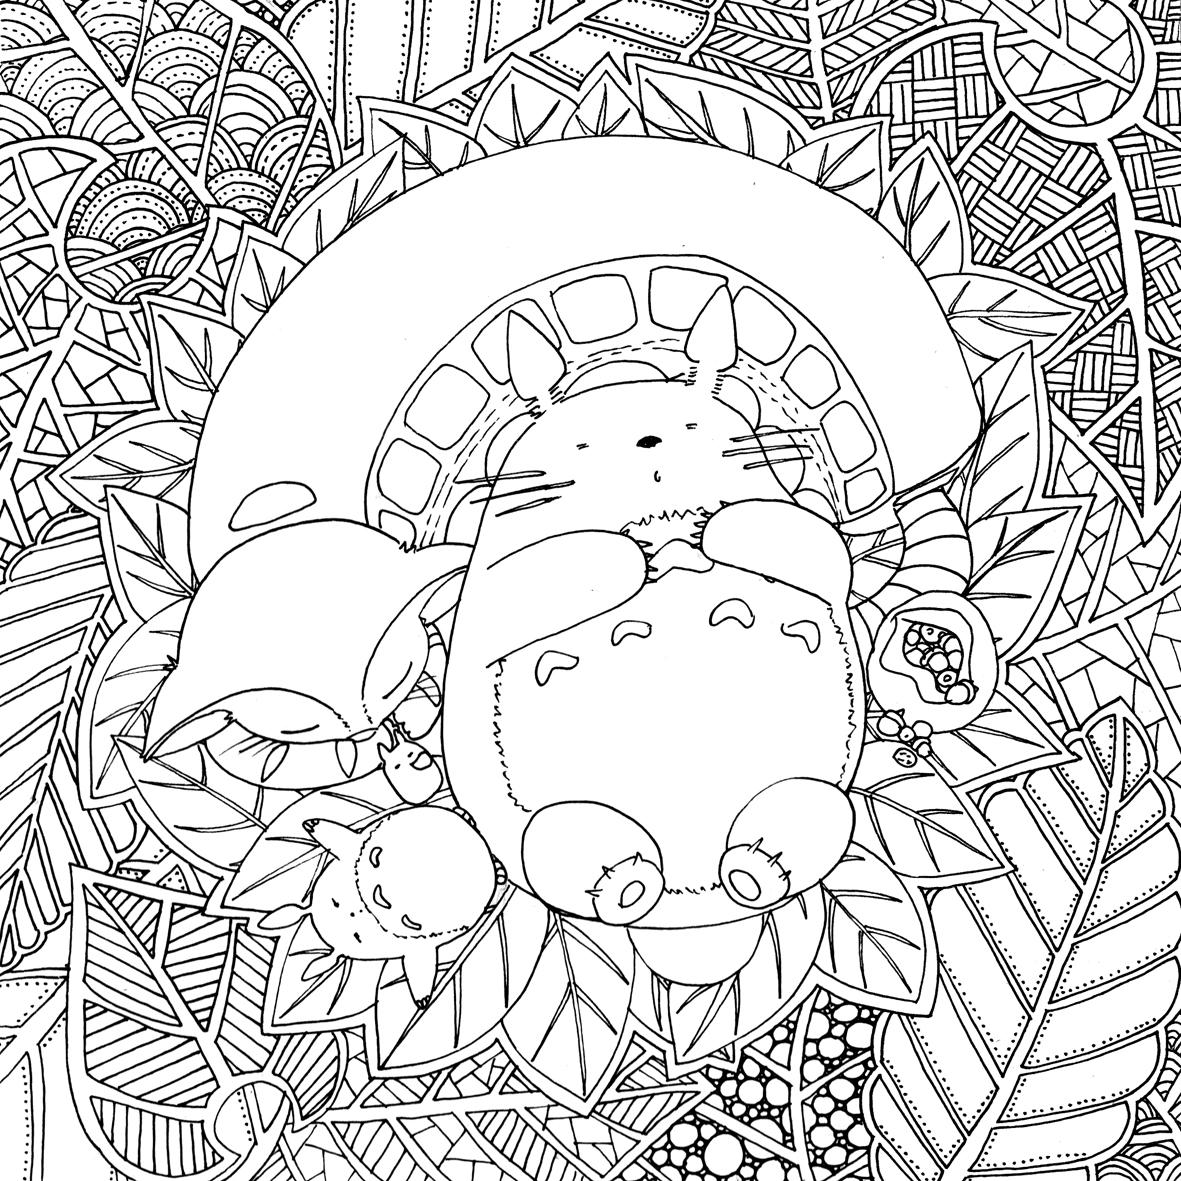 Coloriage Inspiration Totoro De Ghibli Par Chocobo Artherapieca